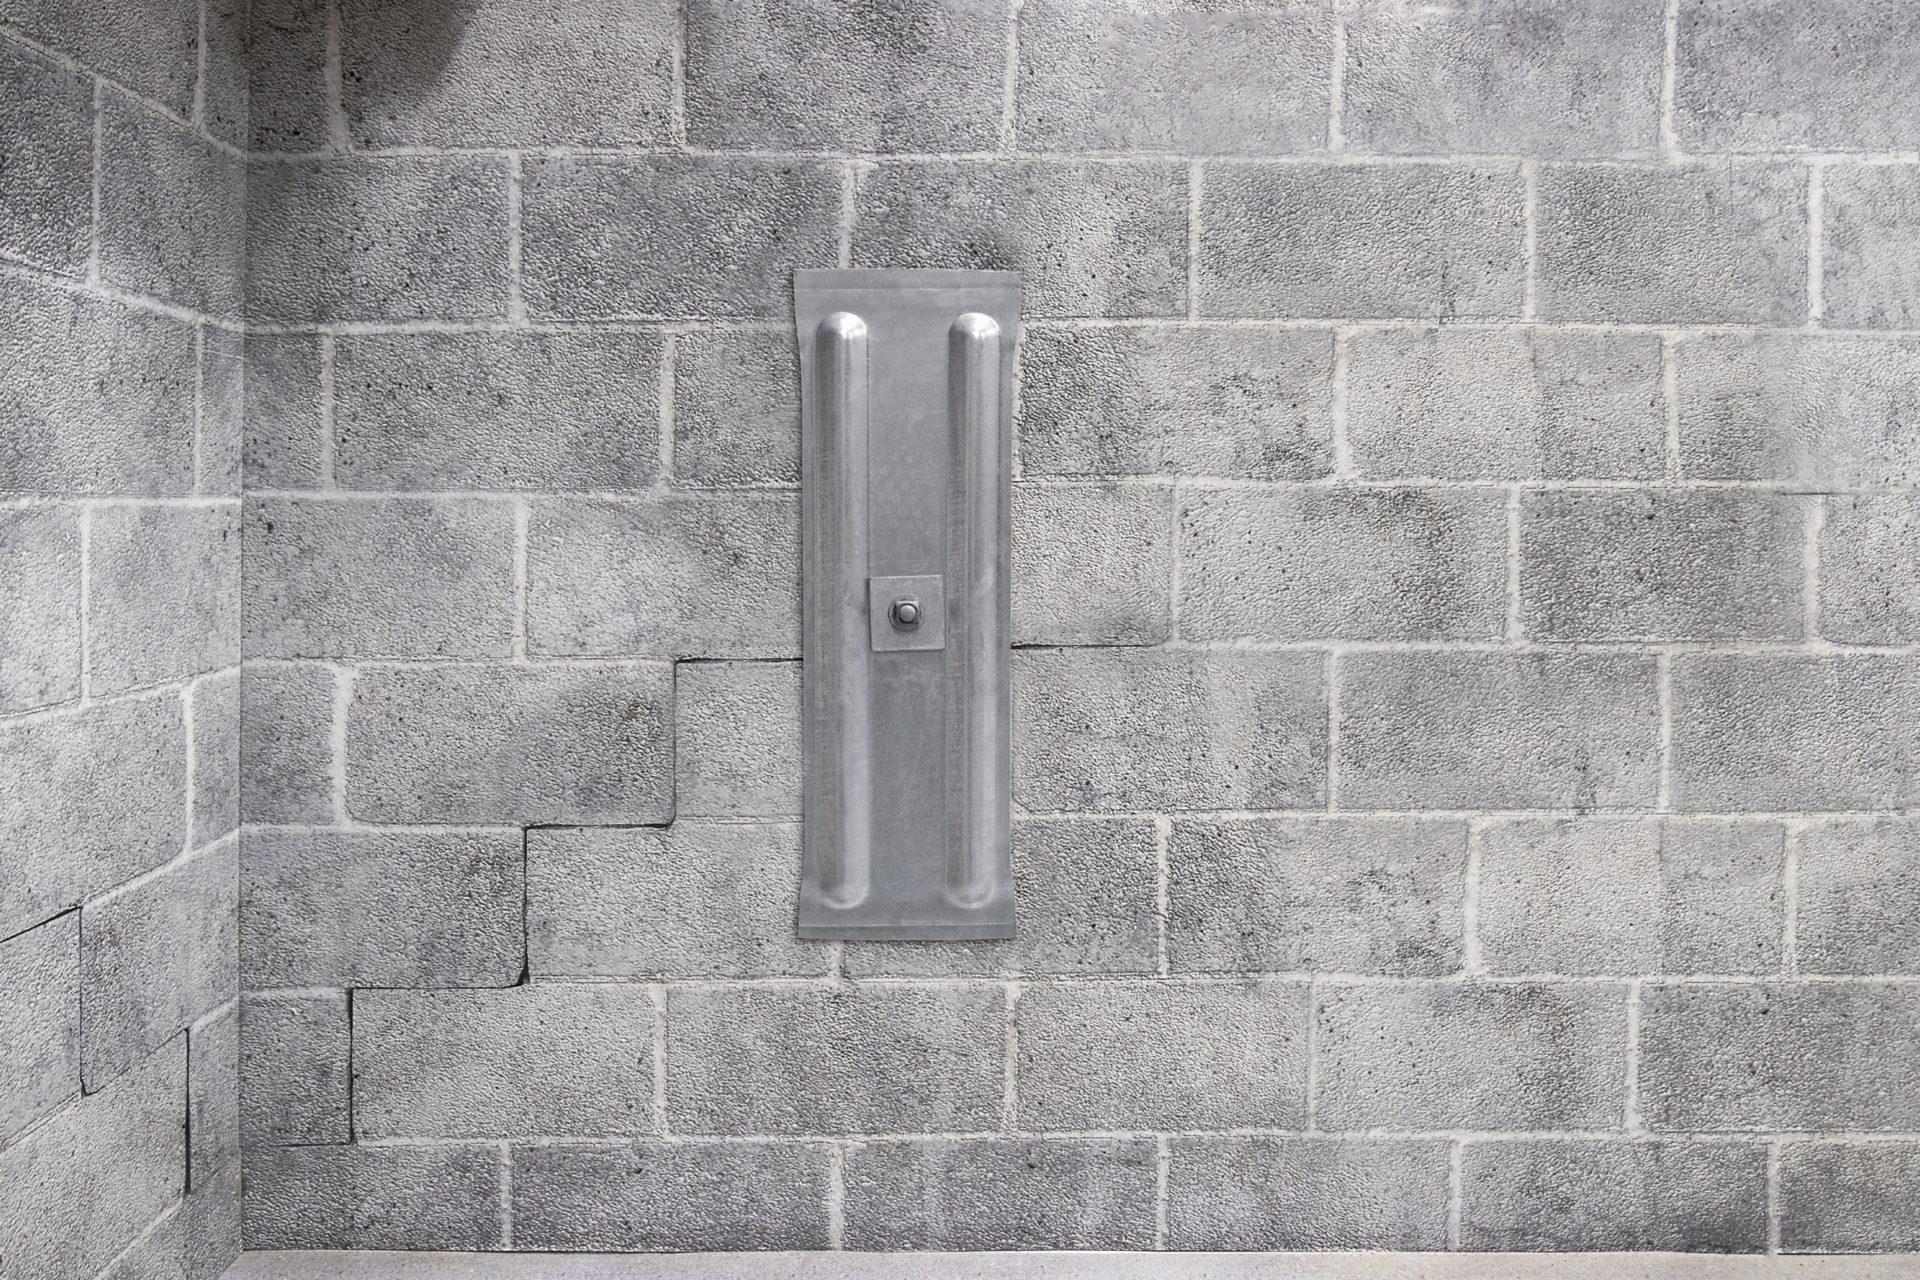 Installed basement wall anchor